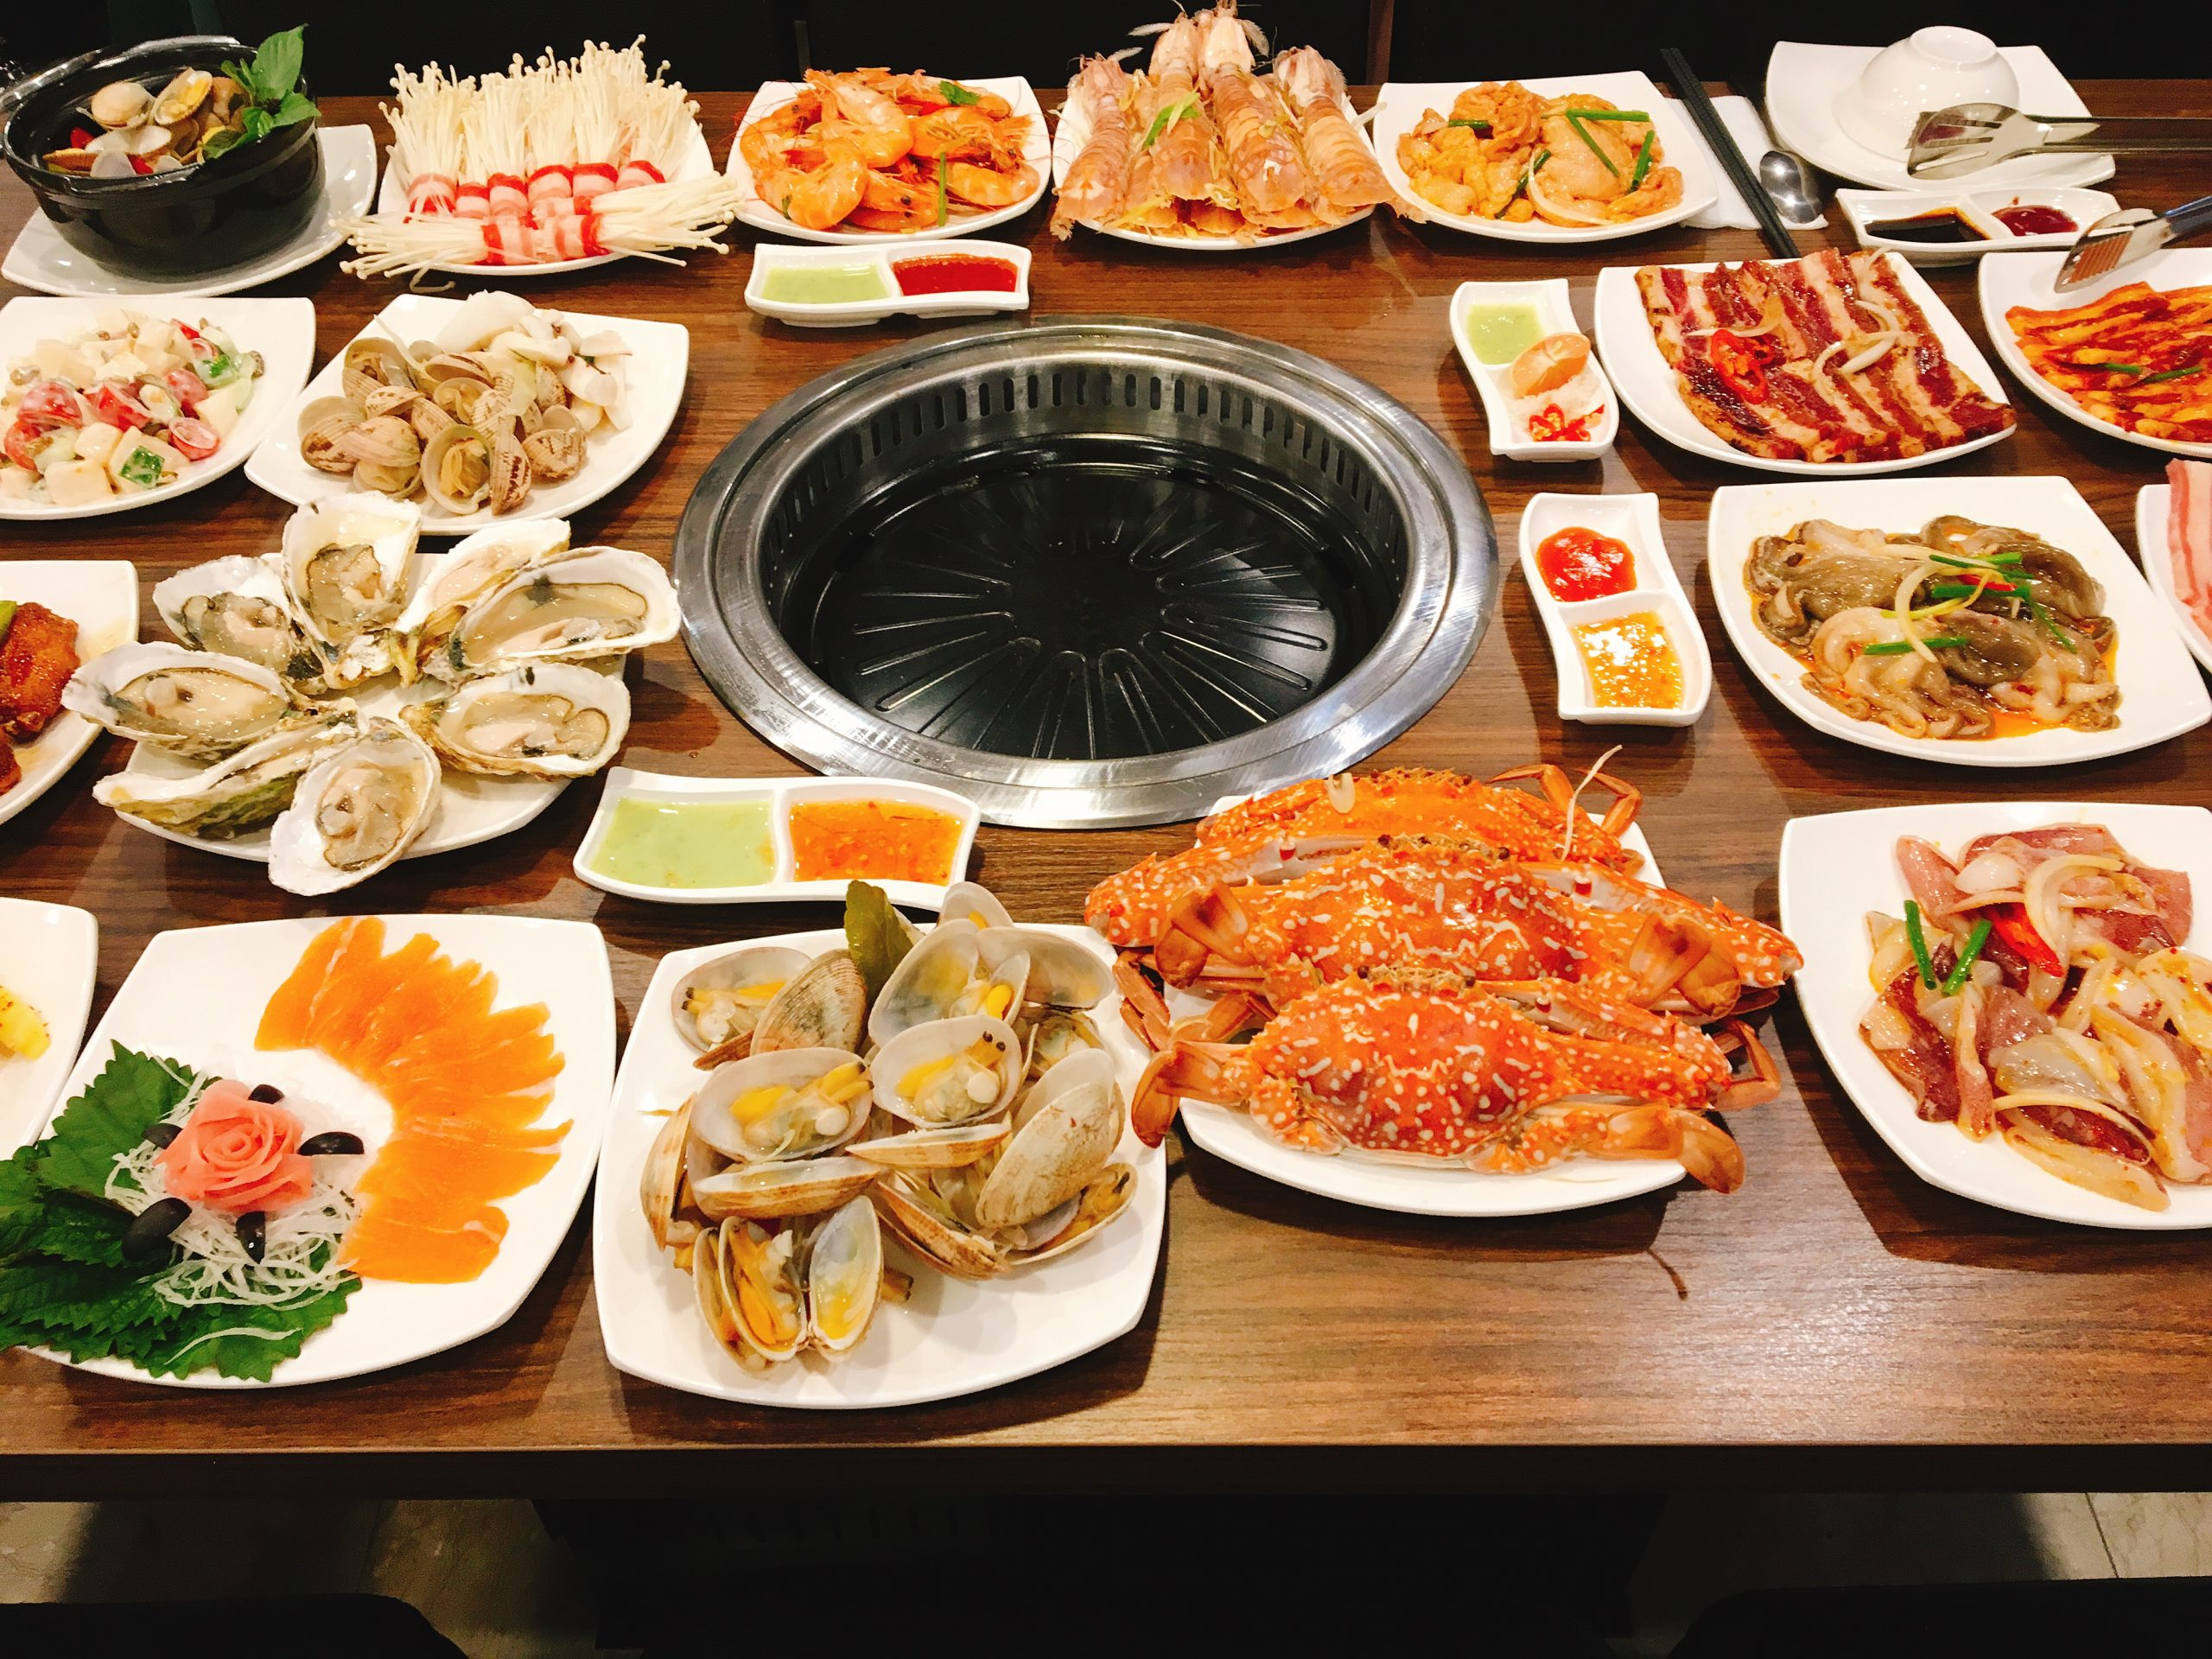 Hải sản Phú Yên đa dạng phong phú chủng loại